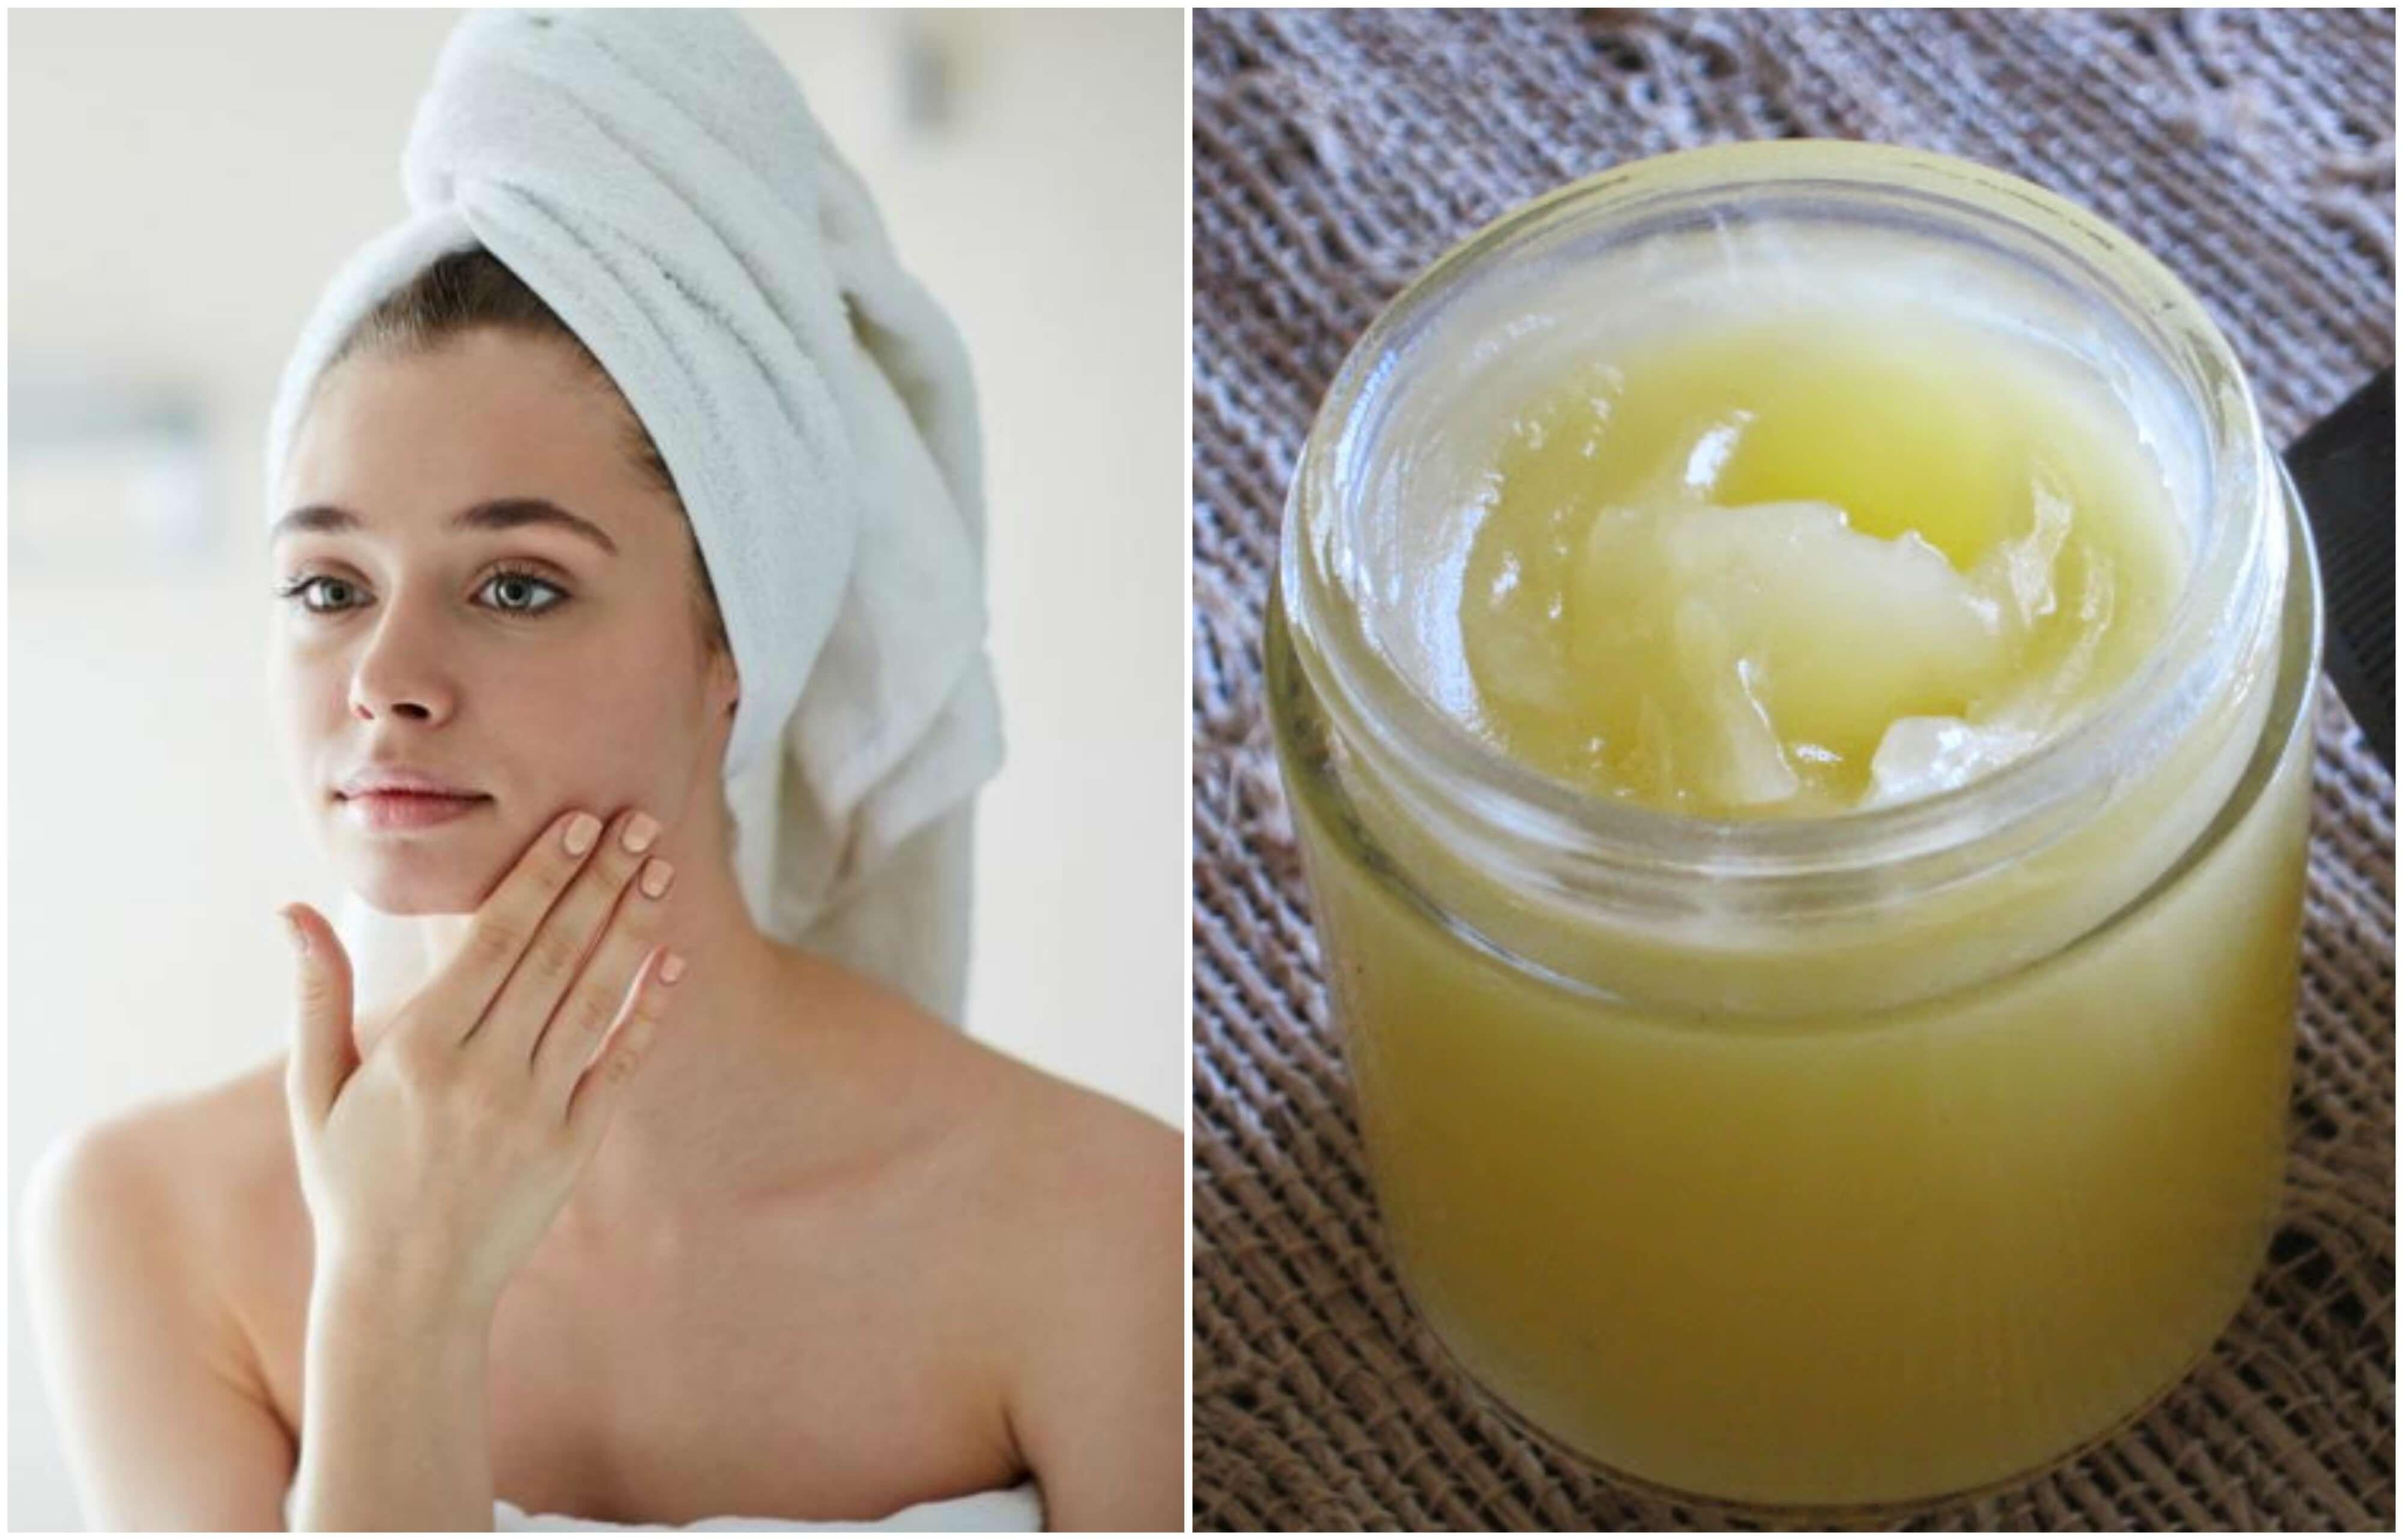 5 Naturprodukte zur Feuchtigkeitspflege für schöne Haut